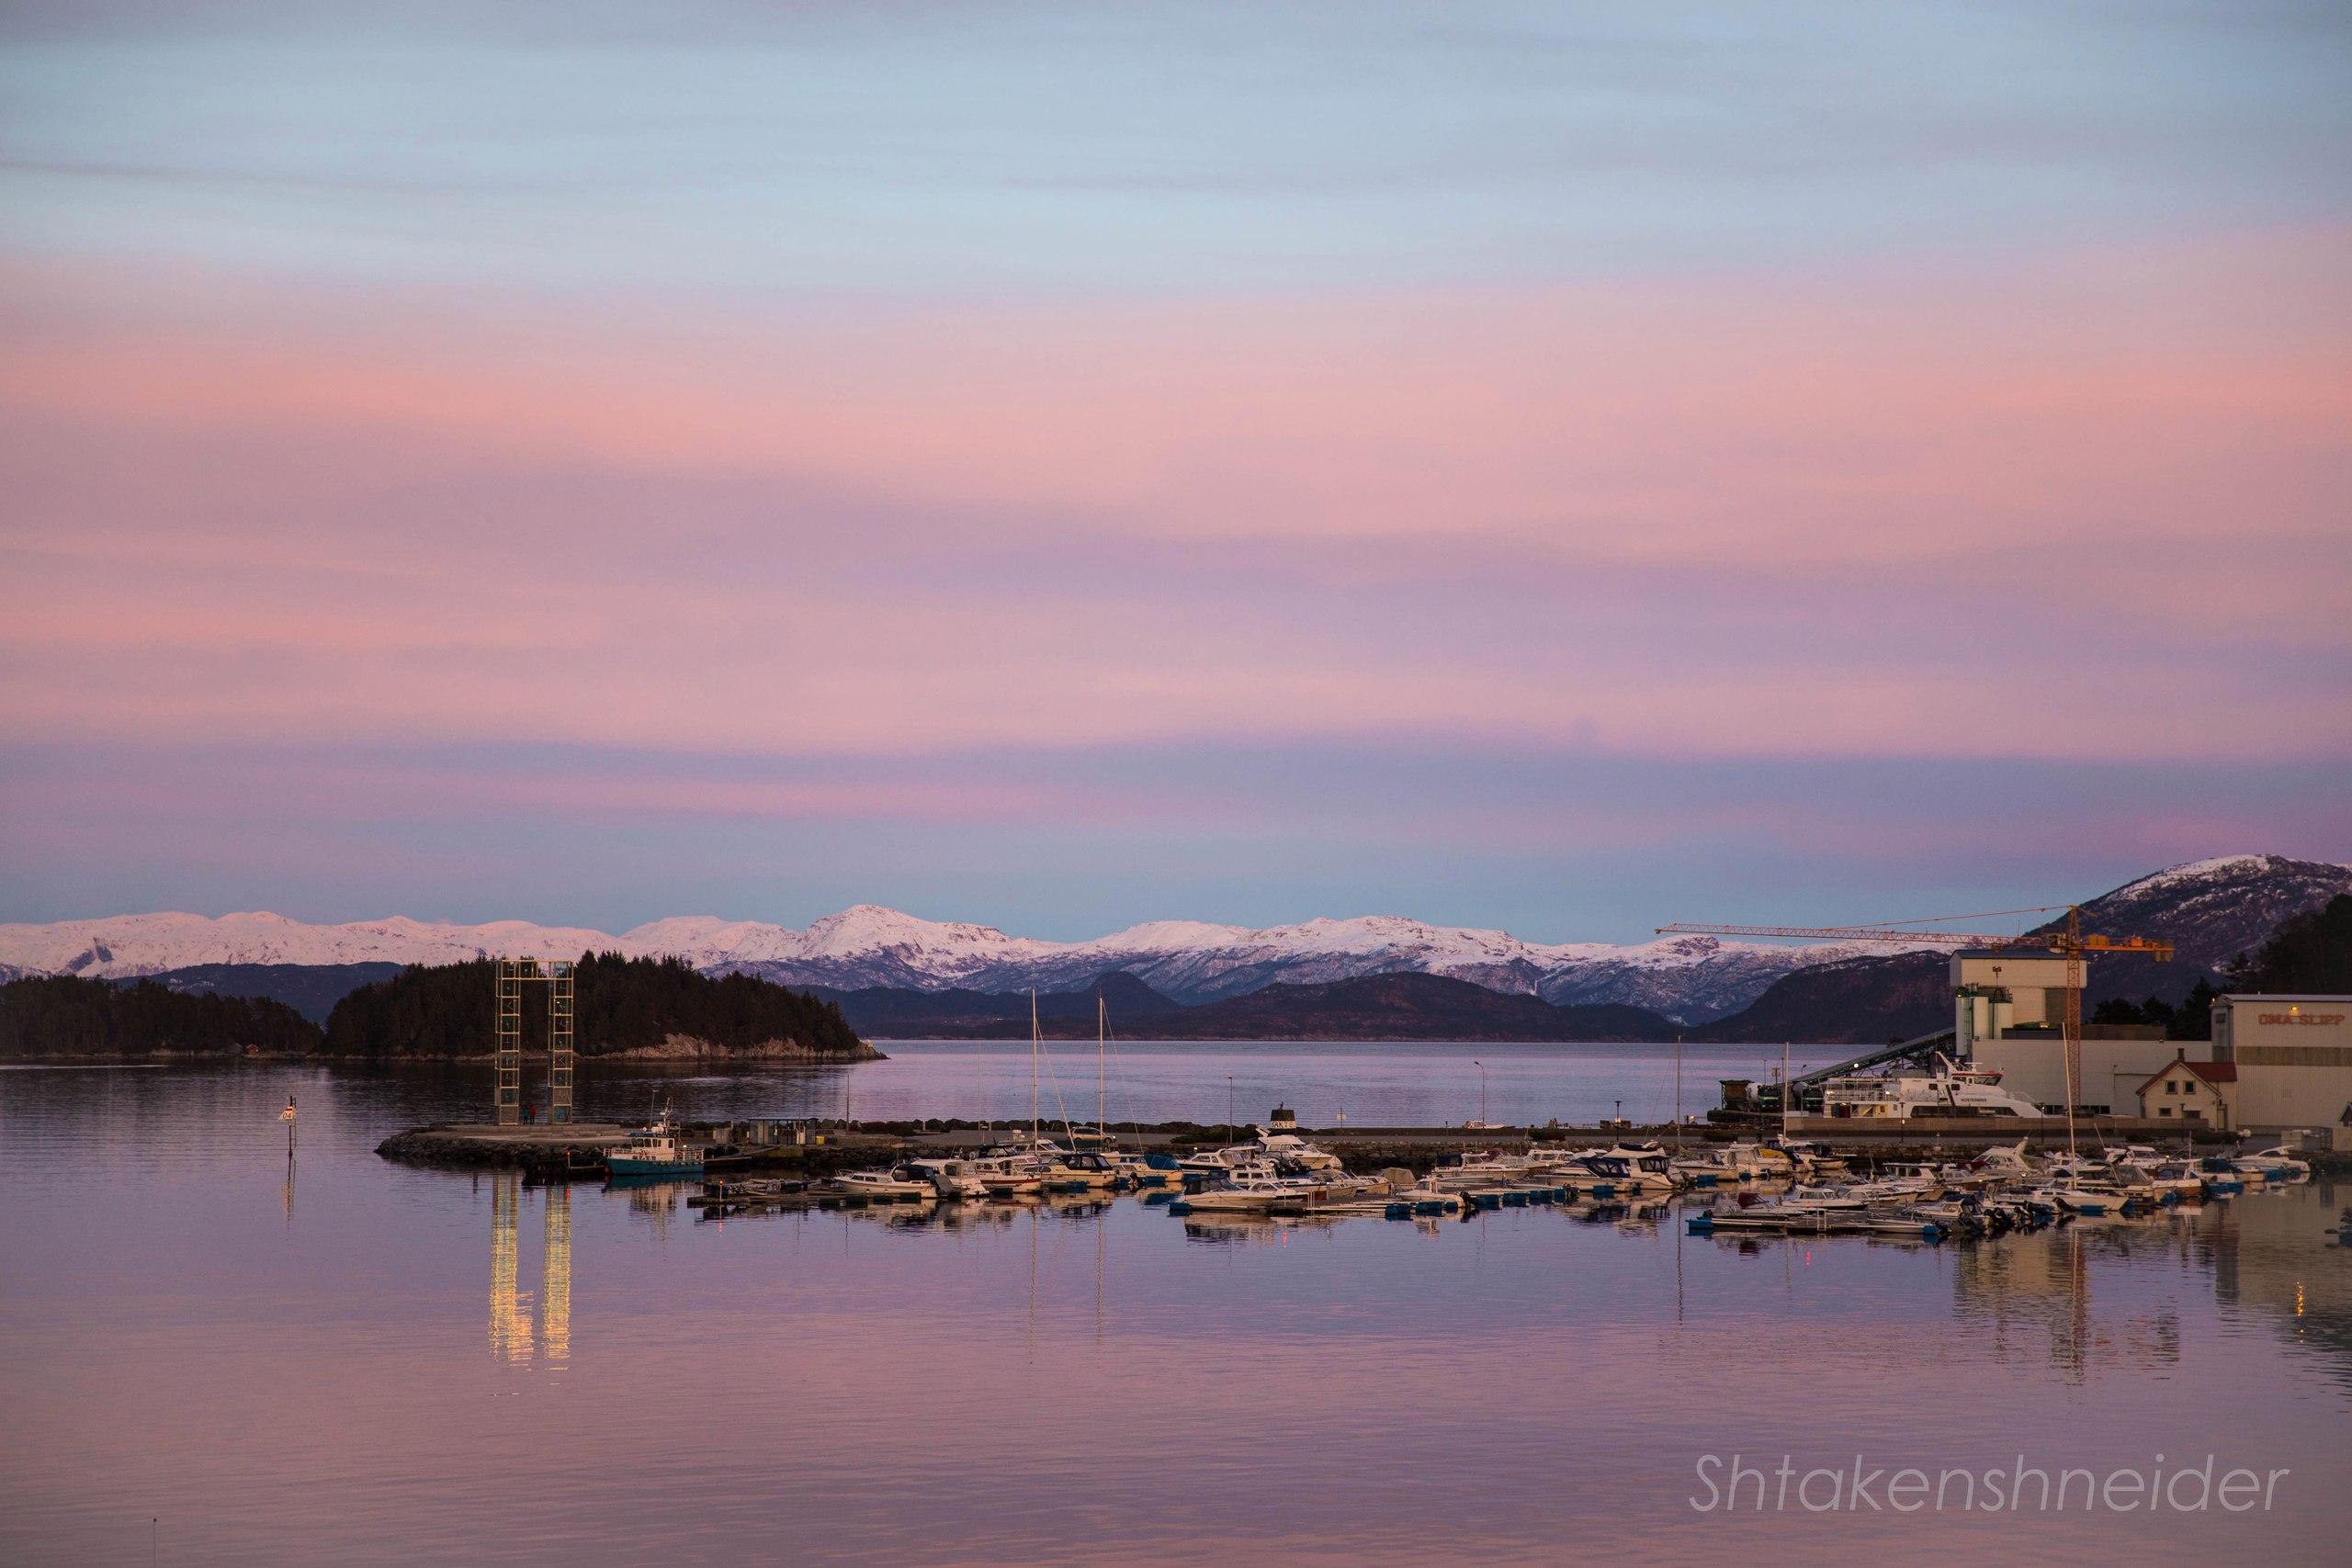 Закат в городе Лейрвик, Норвегия: фото